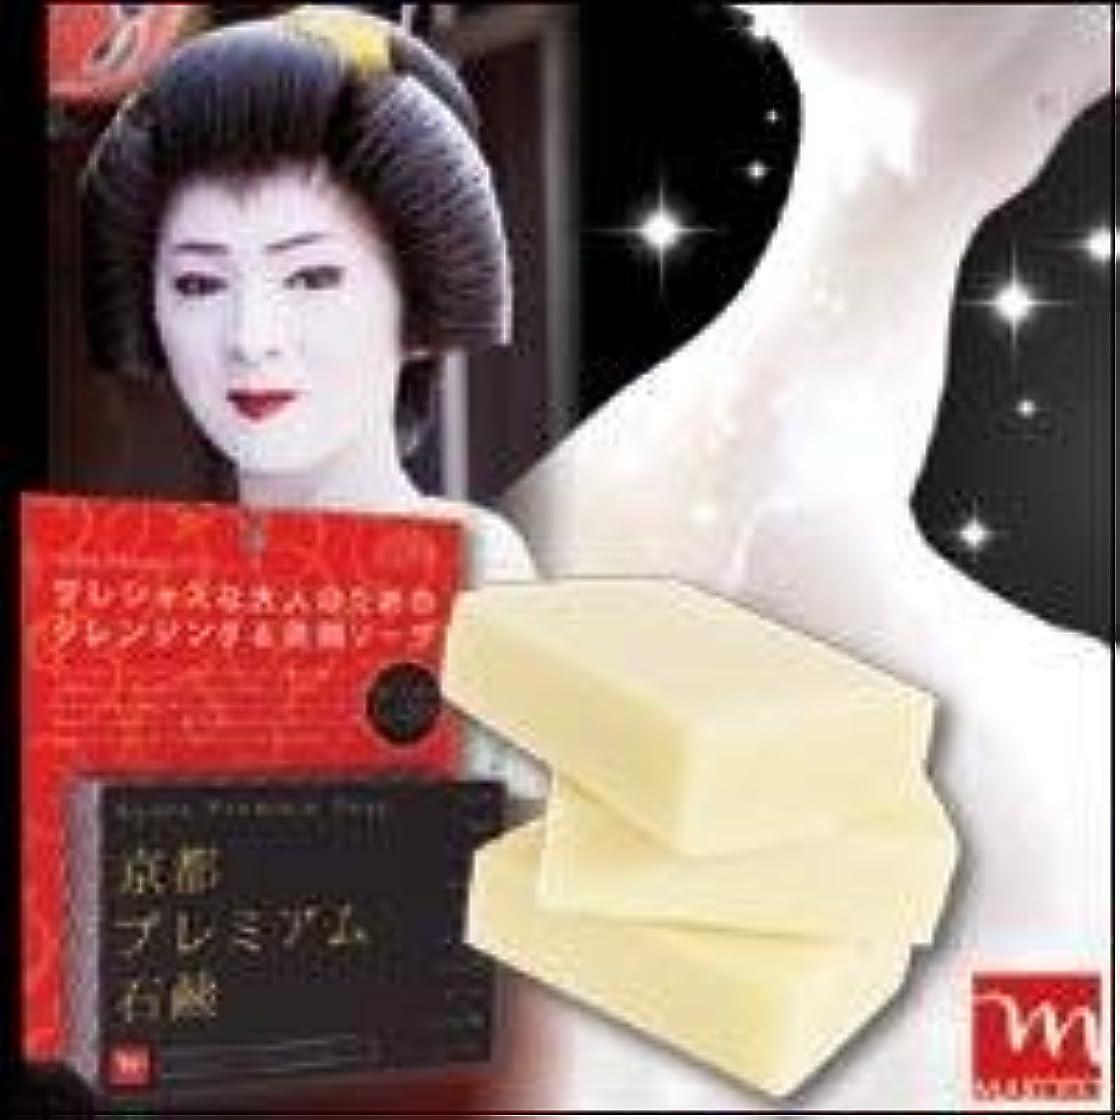 後ろに祈る京都プレミアム石鹸